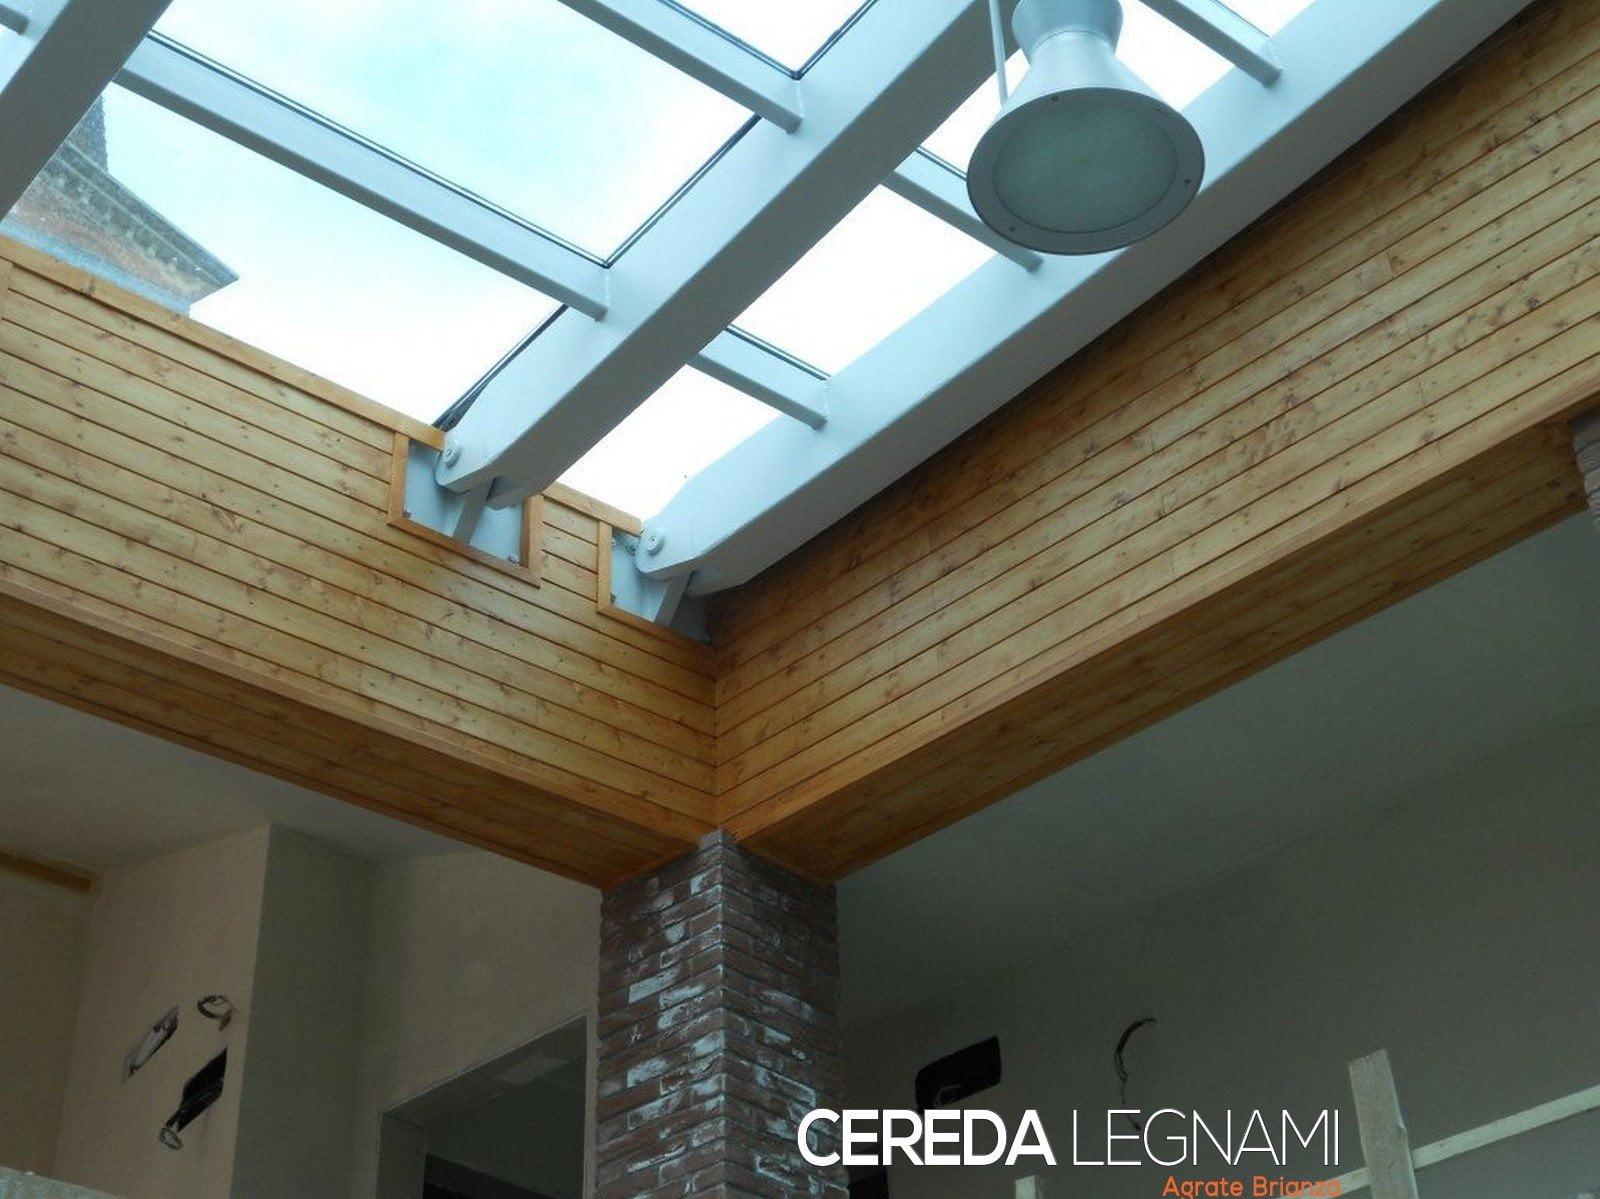 Vendita perline di legno cereda legnami agrate brianza - Vendita tavole di legno ...